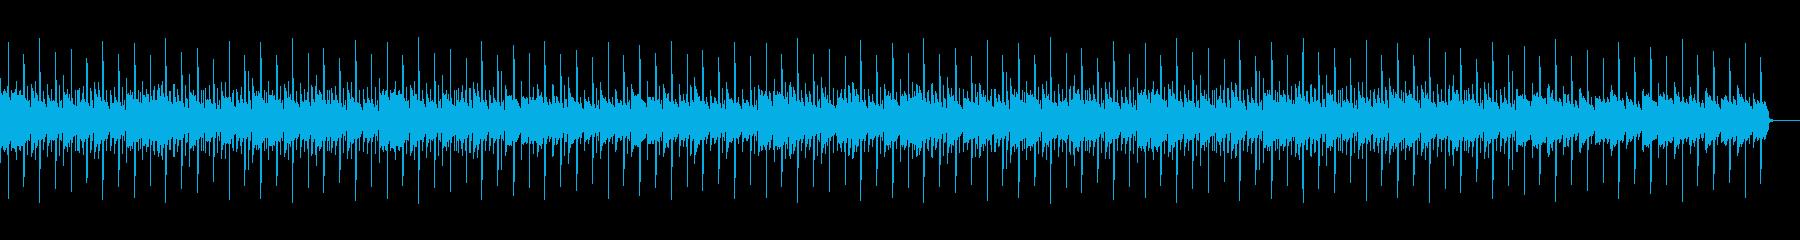 穏やか・神秘的・リラックス・チルアウトの再生済みの波形